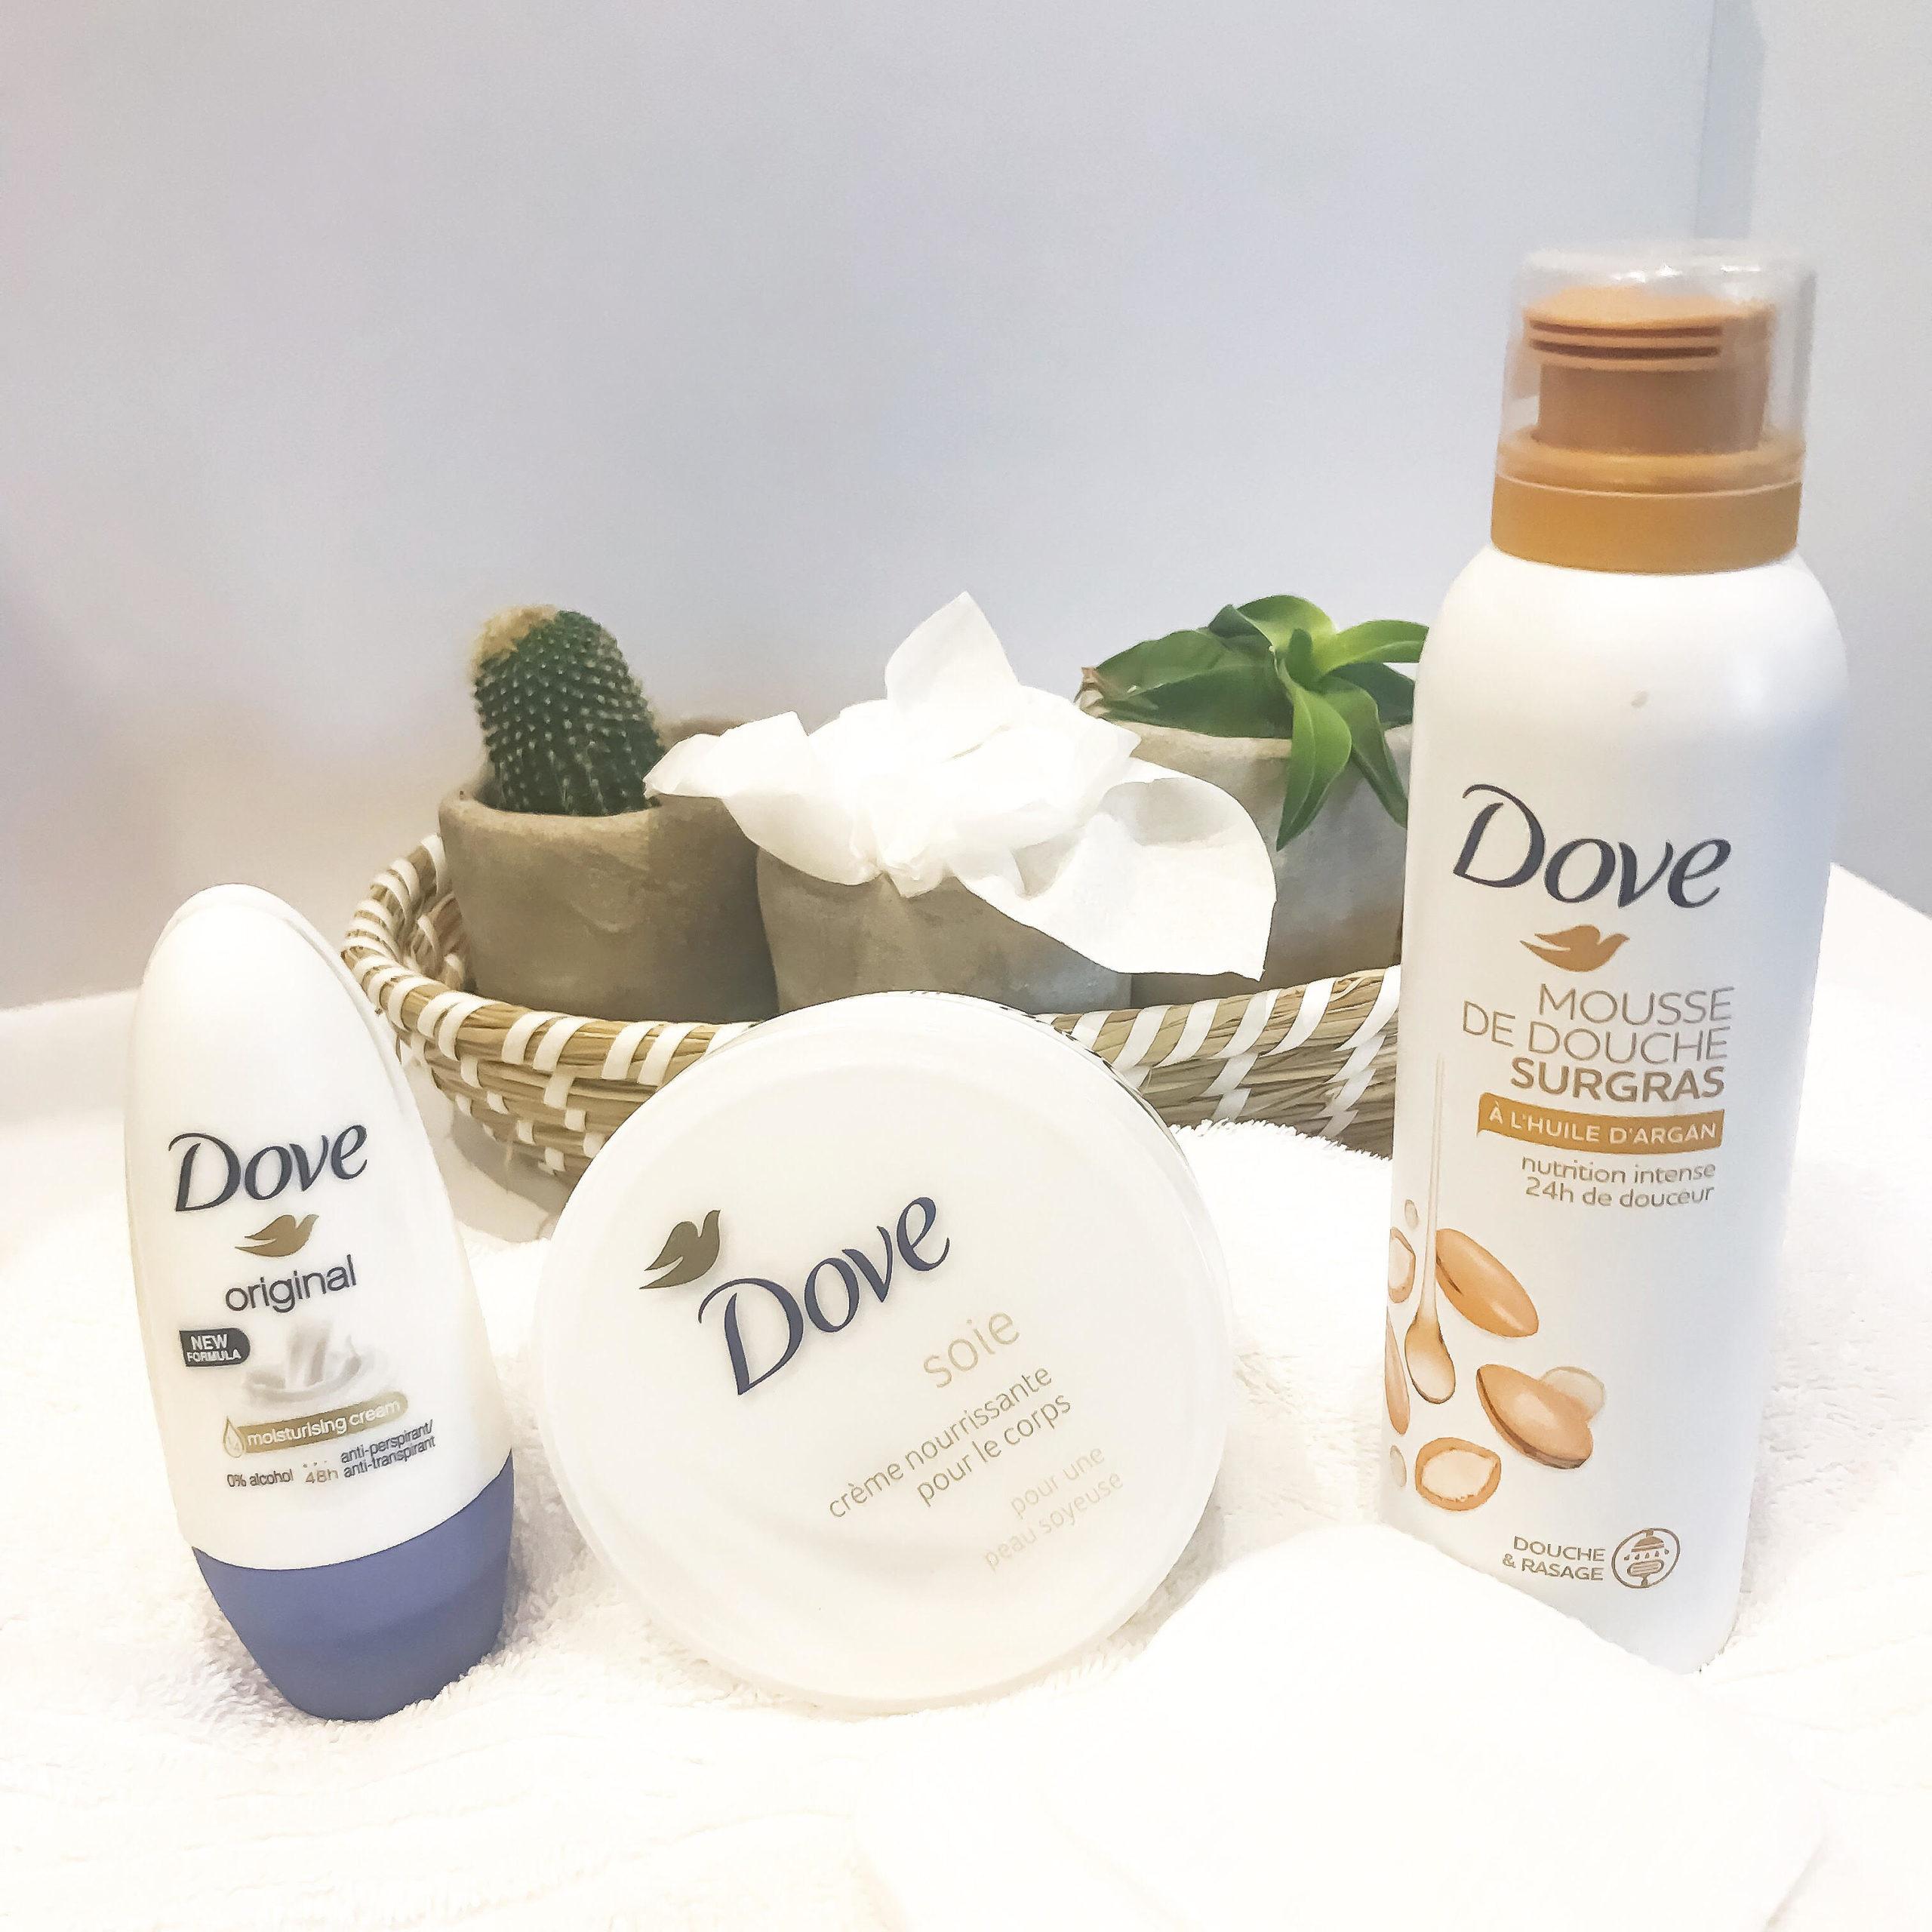 Routine beauté : Soin de la peau et petit budget avec Dove !